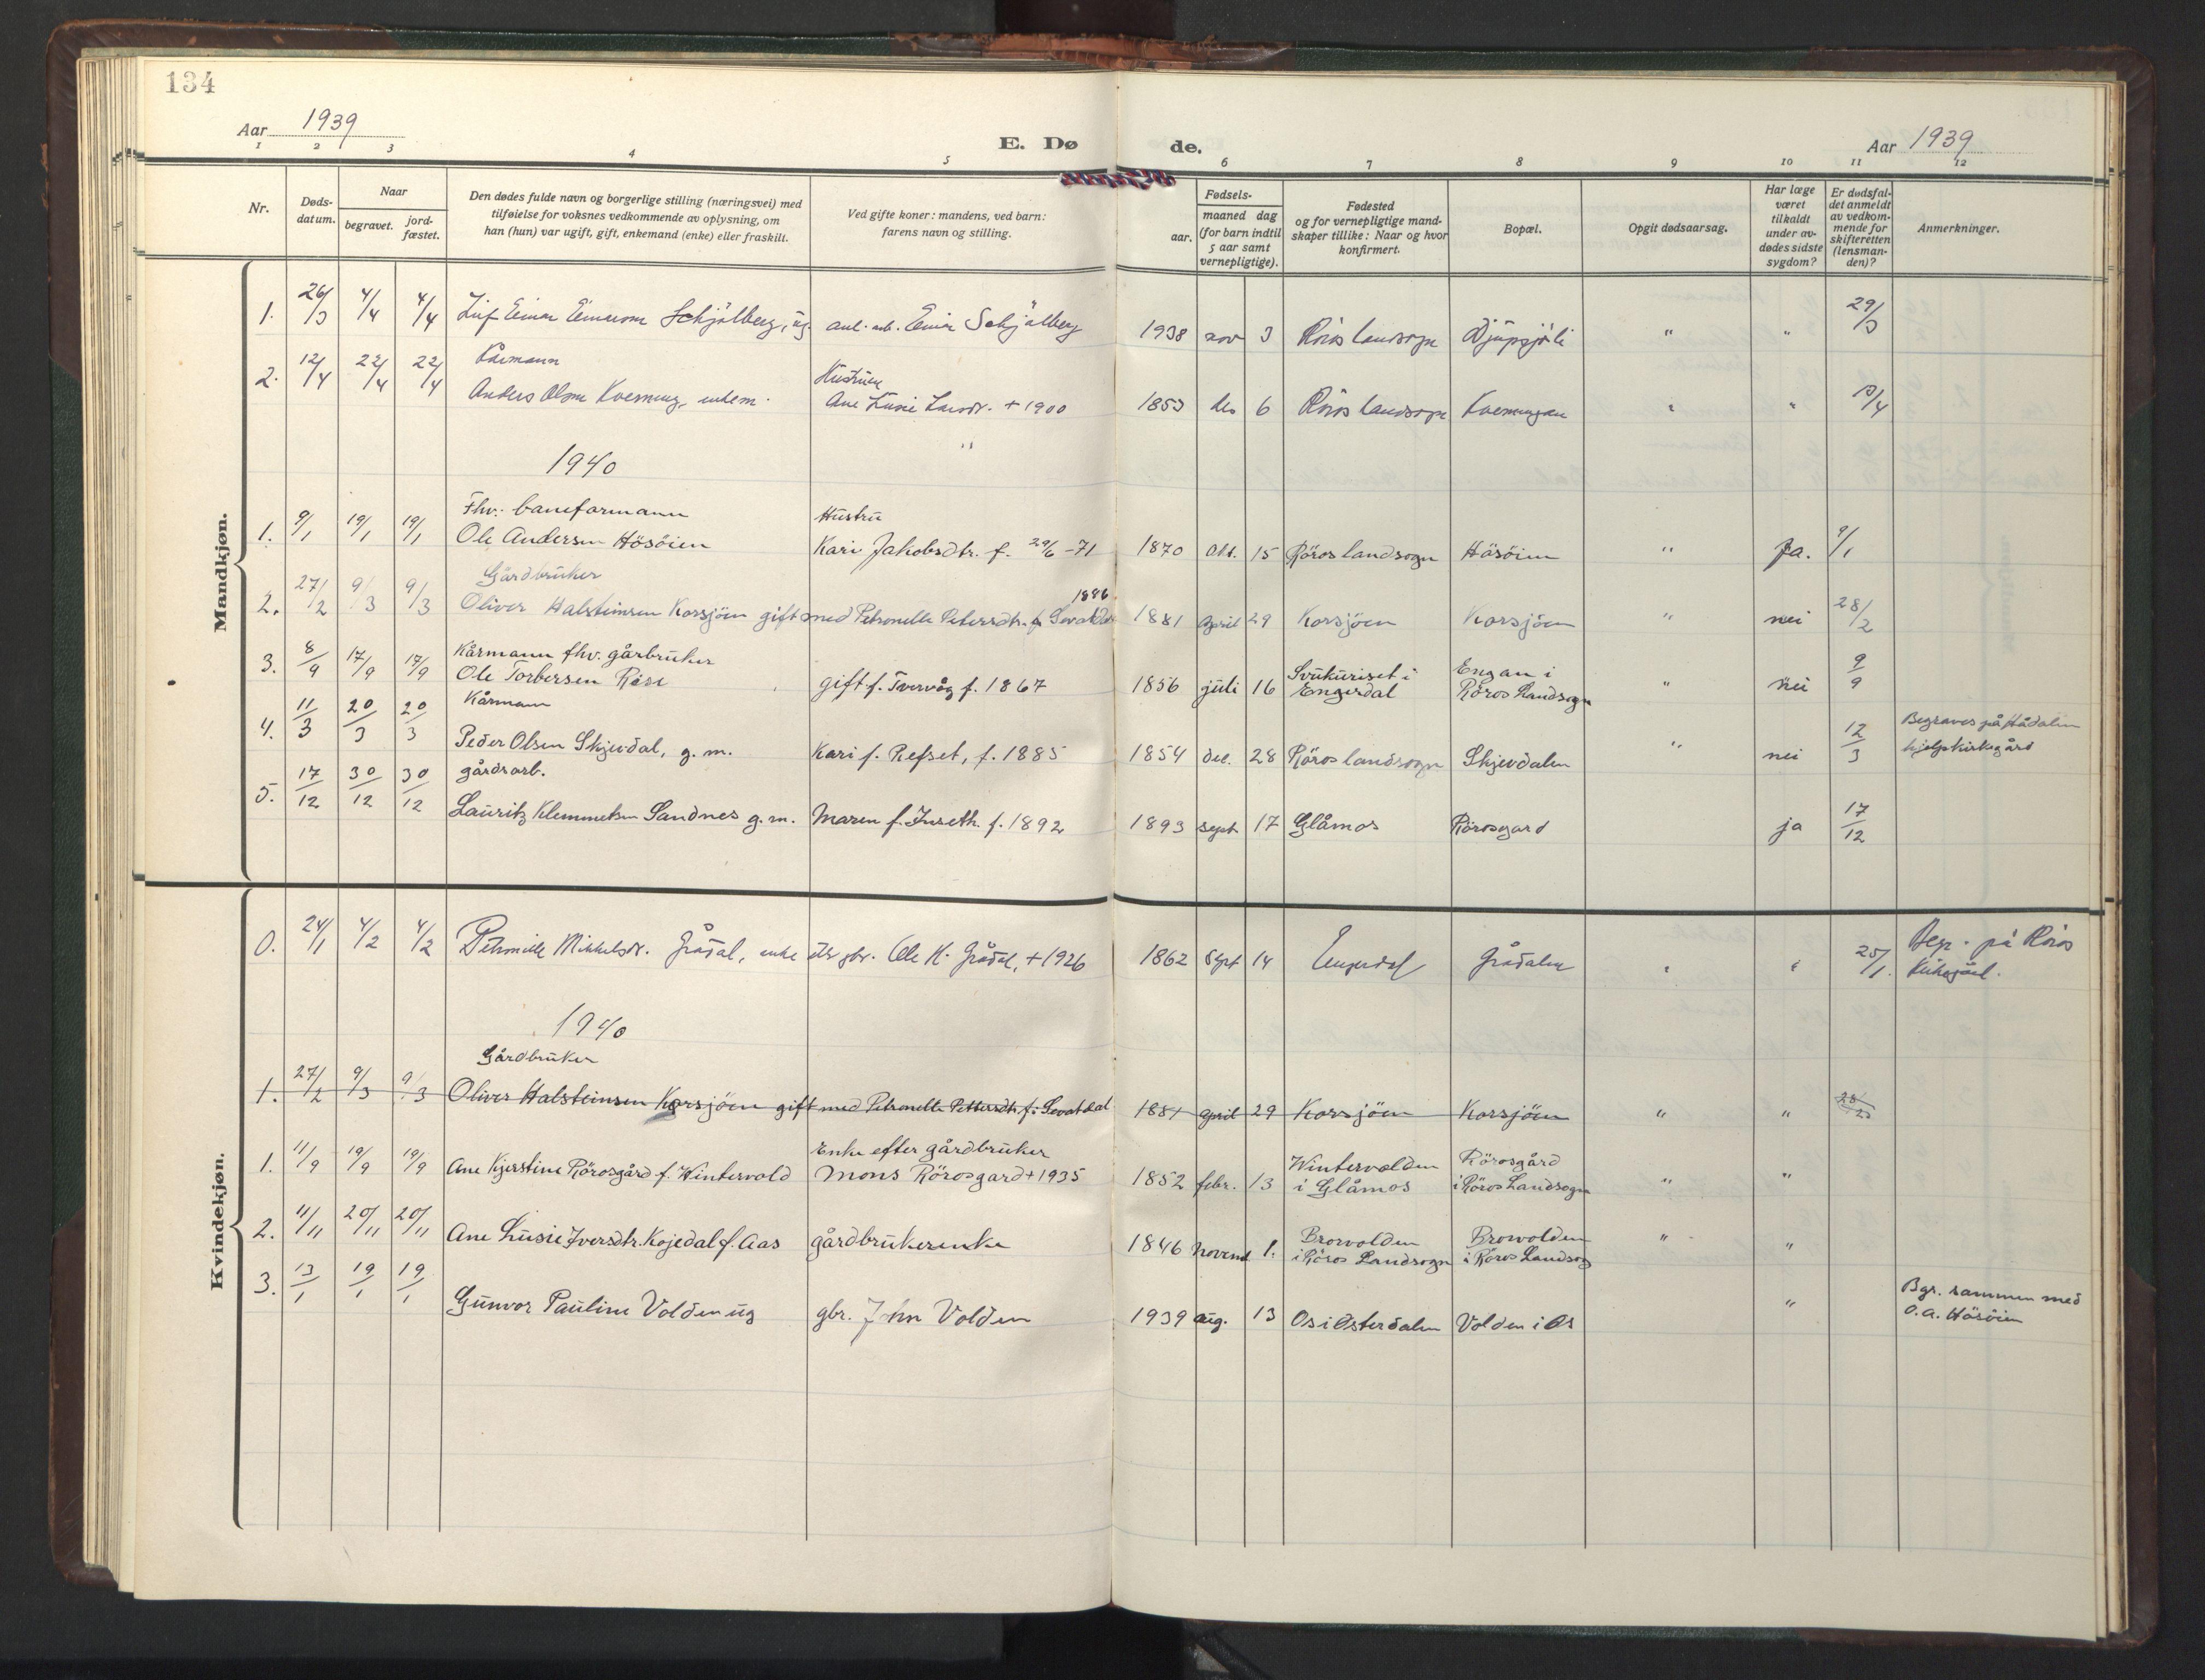 SAT, Ministerialprotokoller, klokkerbøker og fødselsregistre - Sør-Trøndelag, 681/L0944: Klokkerbok nr. 681C08, 1926-1954, s. 134